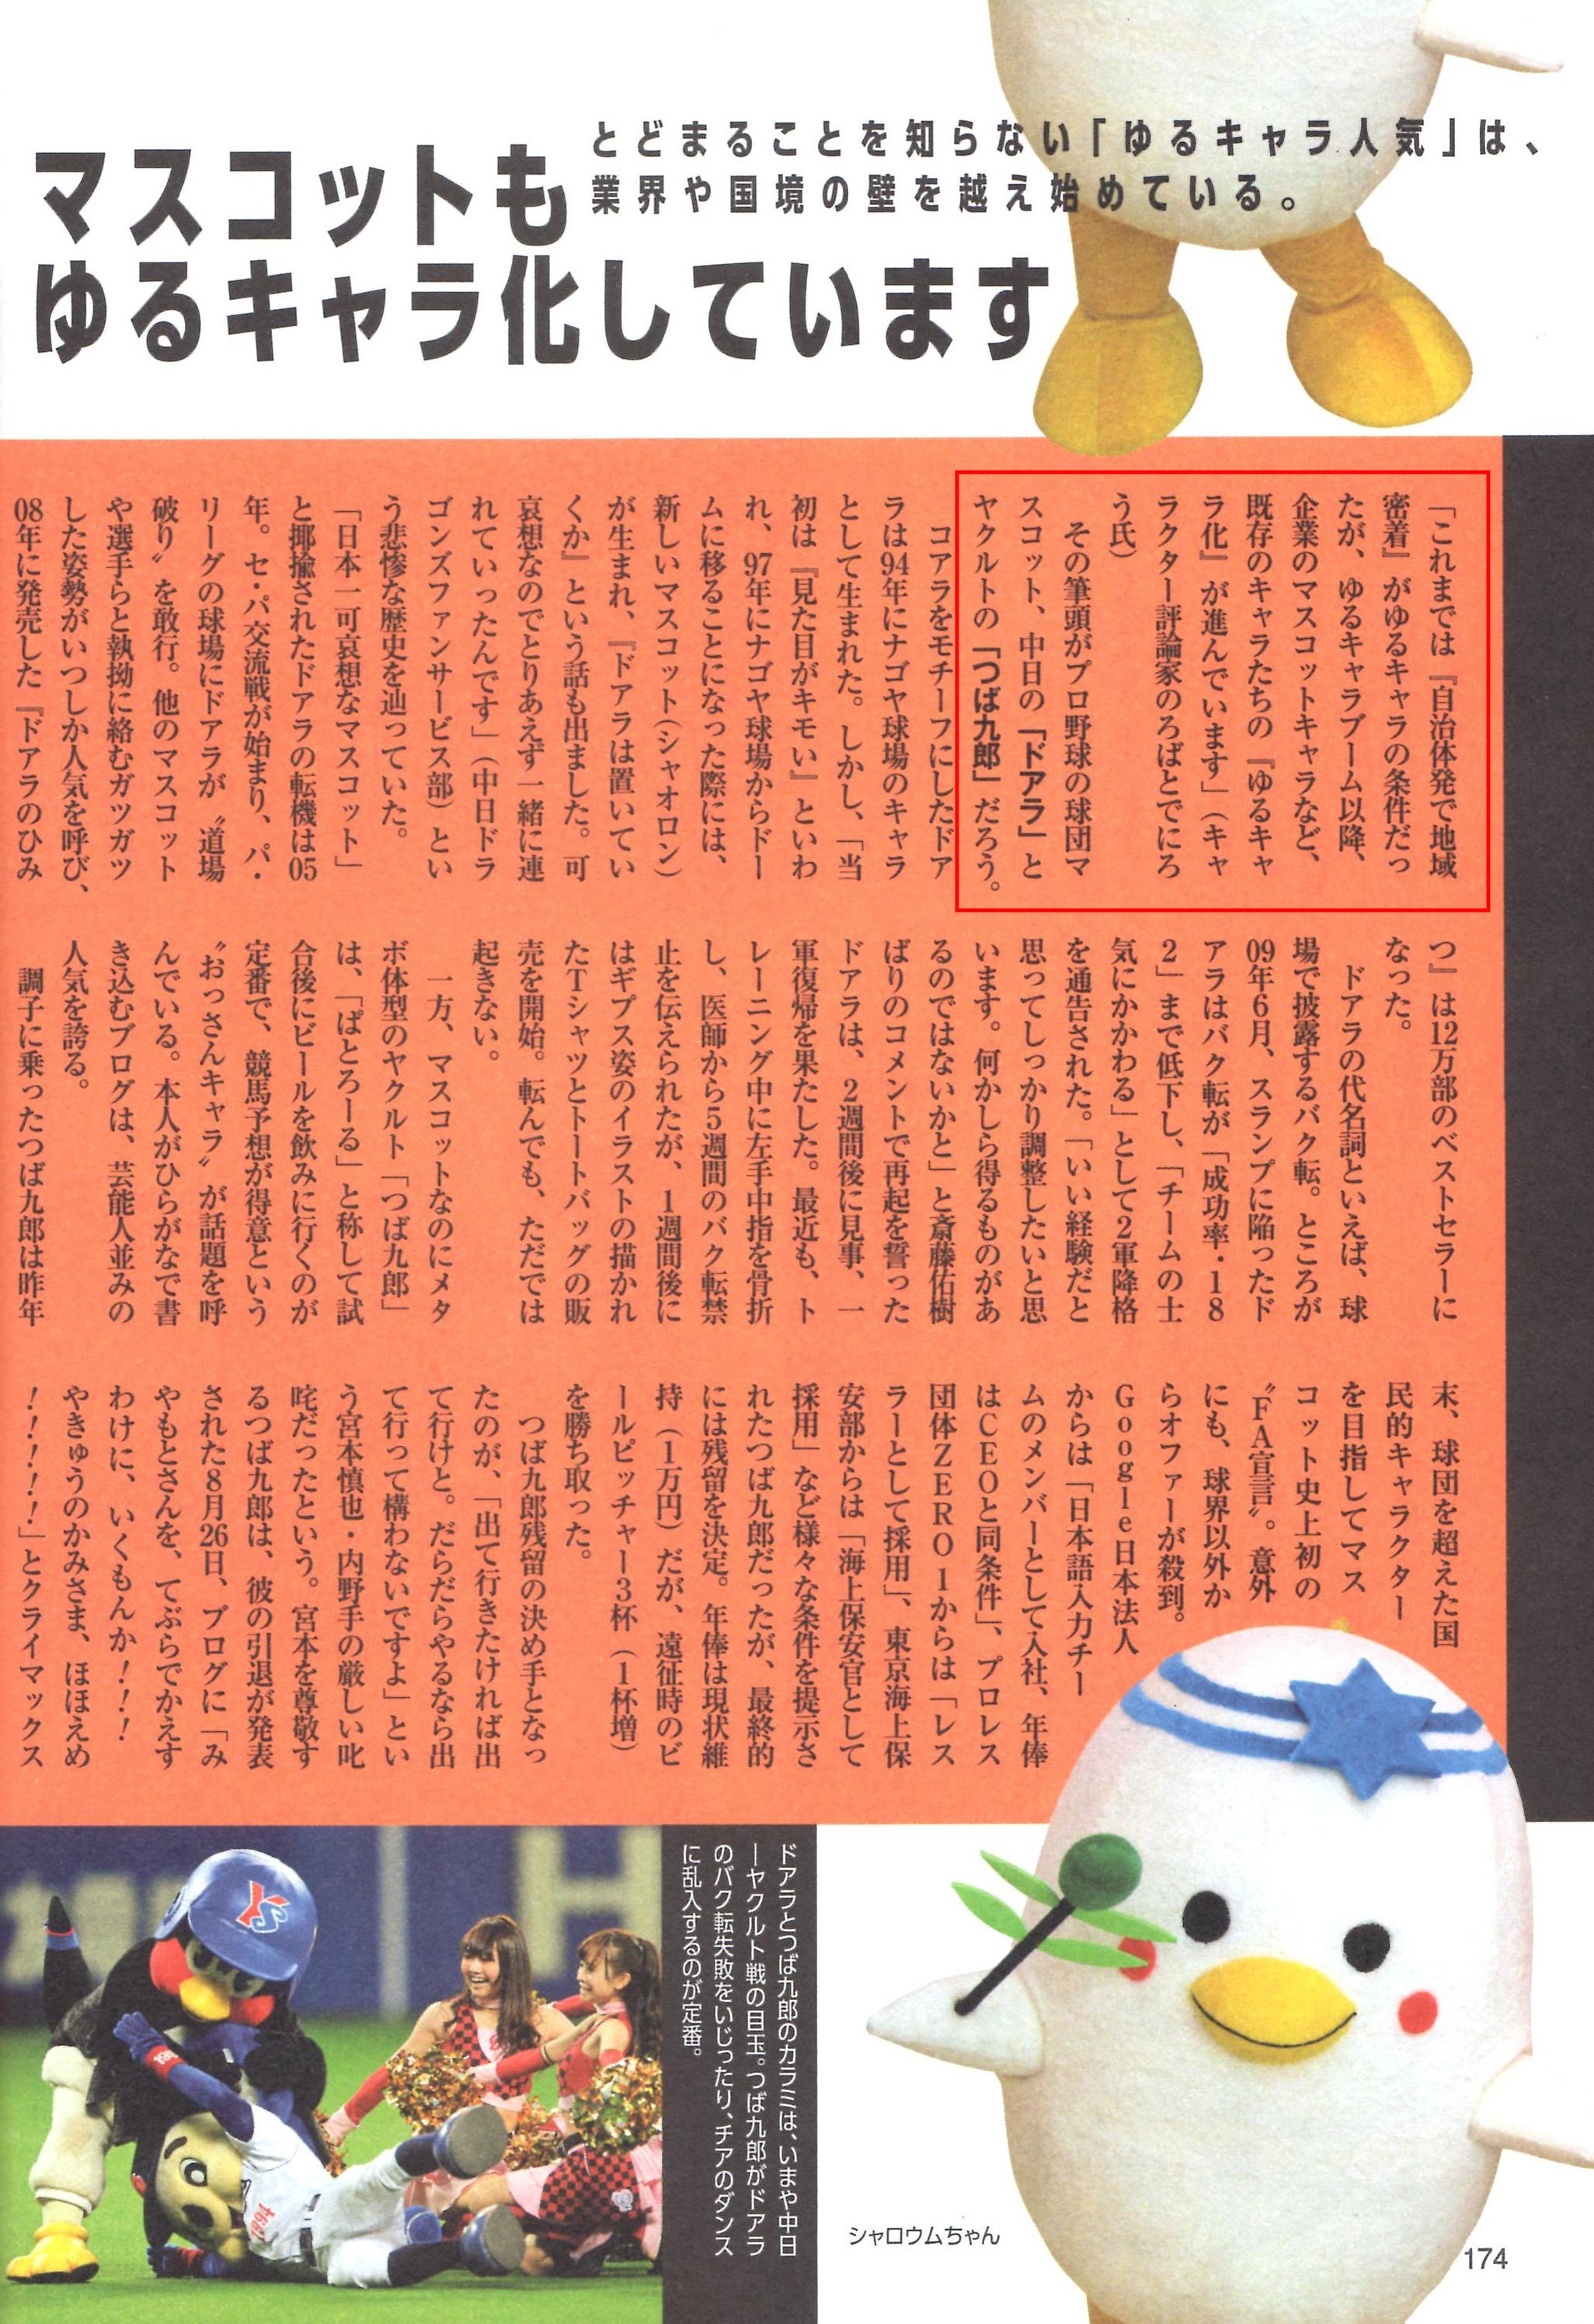 20130920週刊ポスト掲載記事